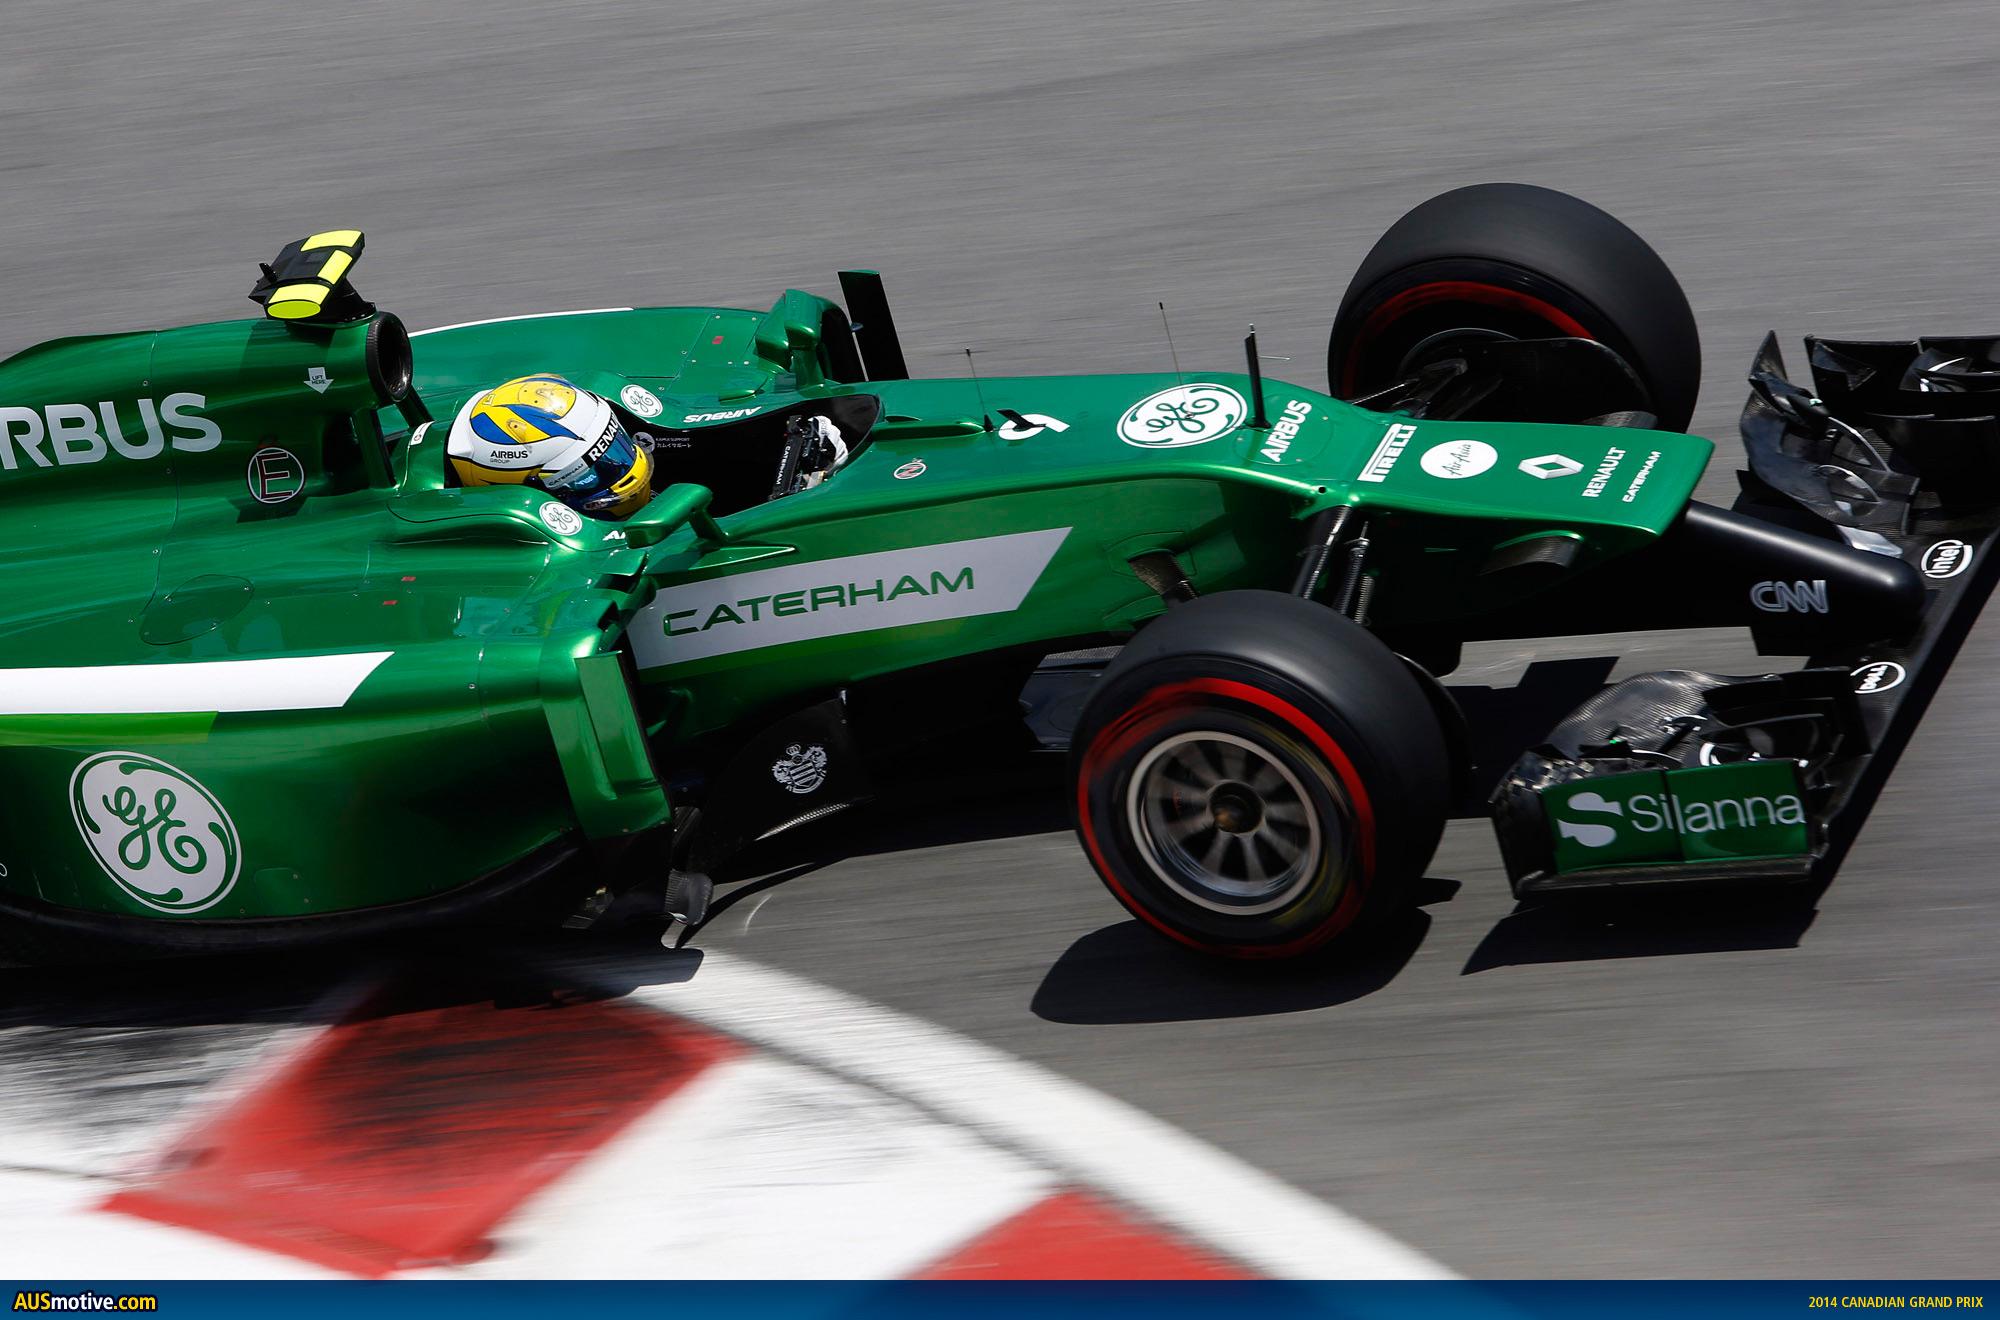 Formula 1 - by ausmotive.com